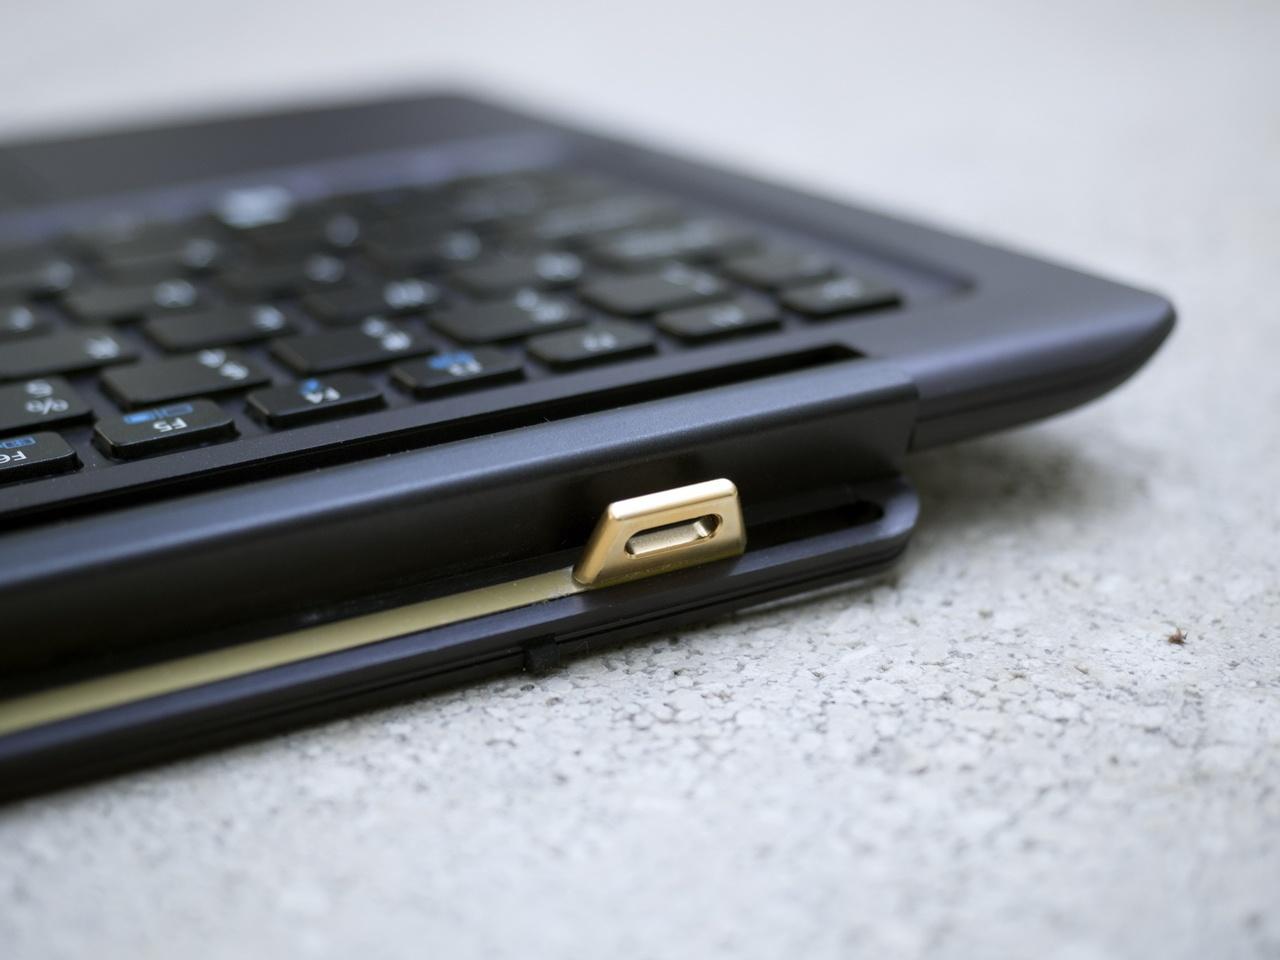 Acer на CES 2016: мониторы, планшеты, игровые ноутбуки и ультрамобильный трансформер - 7